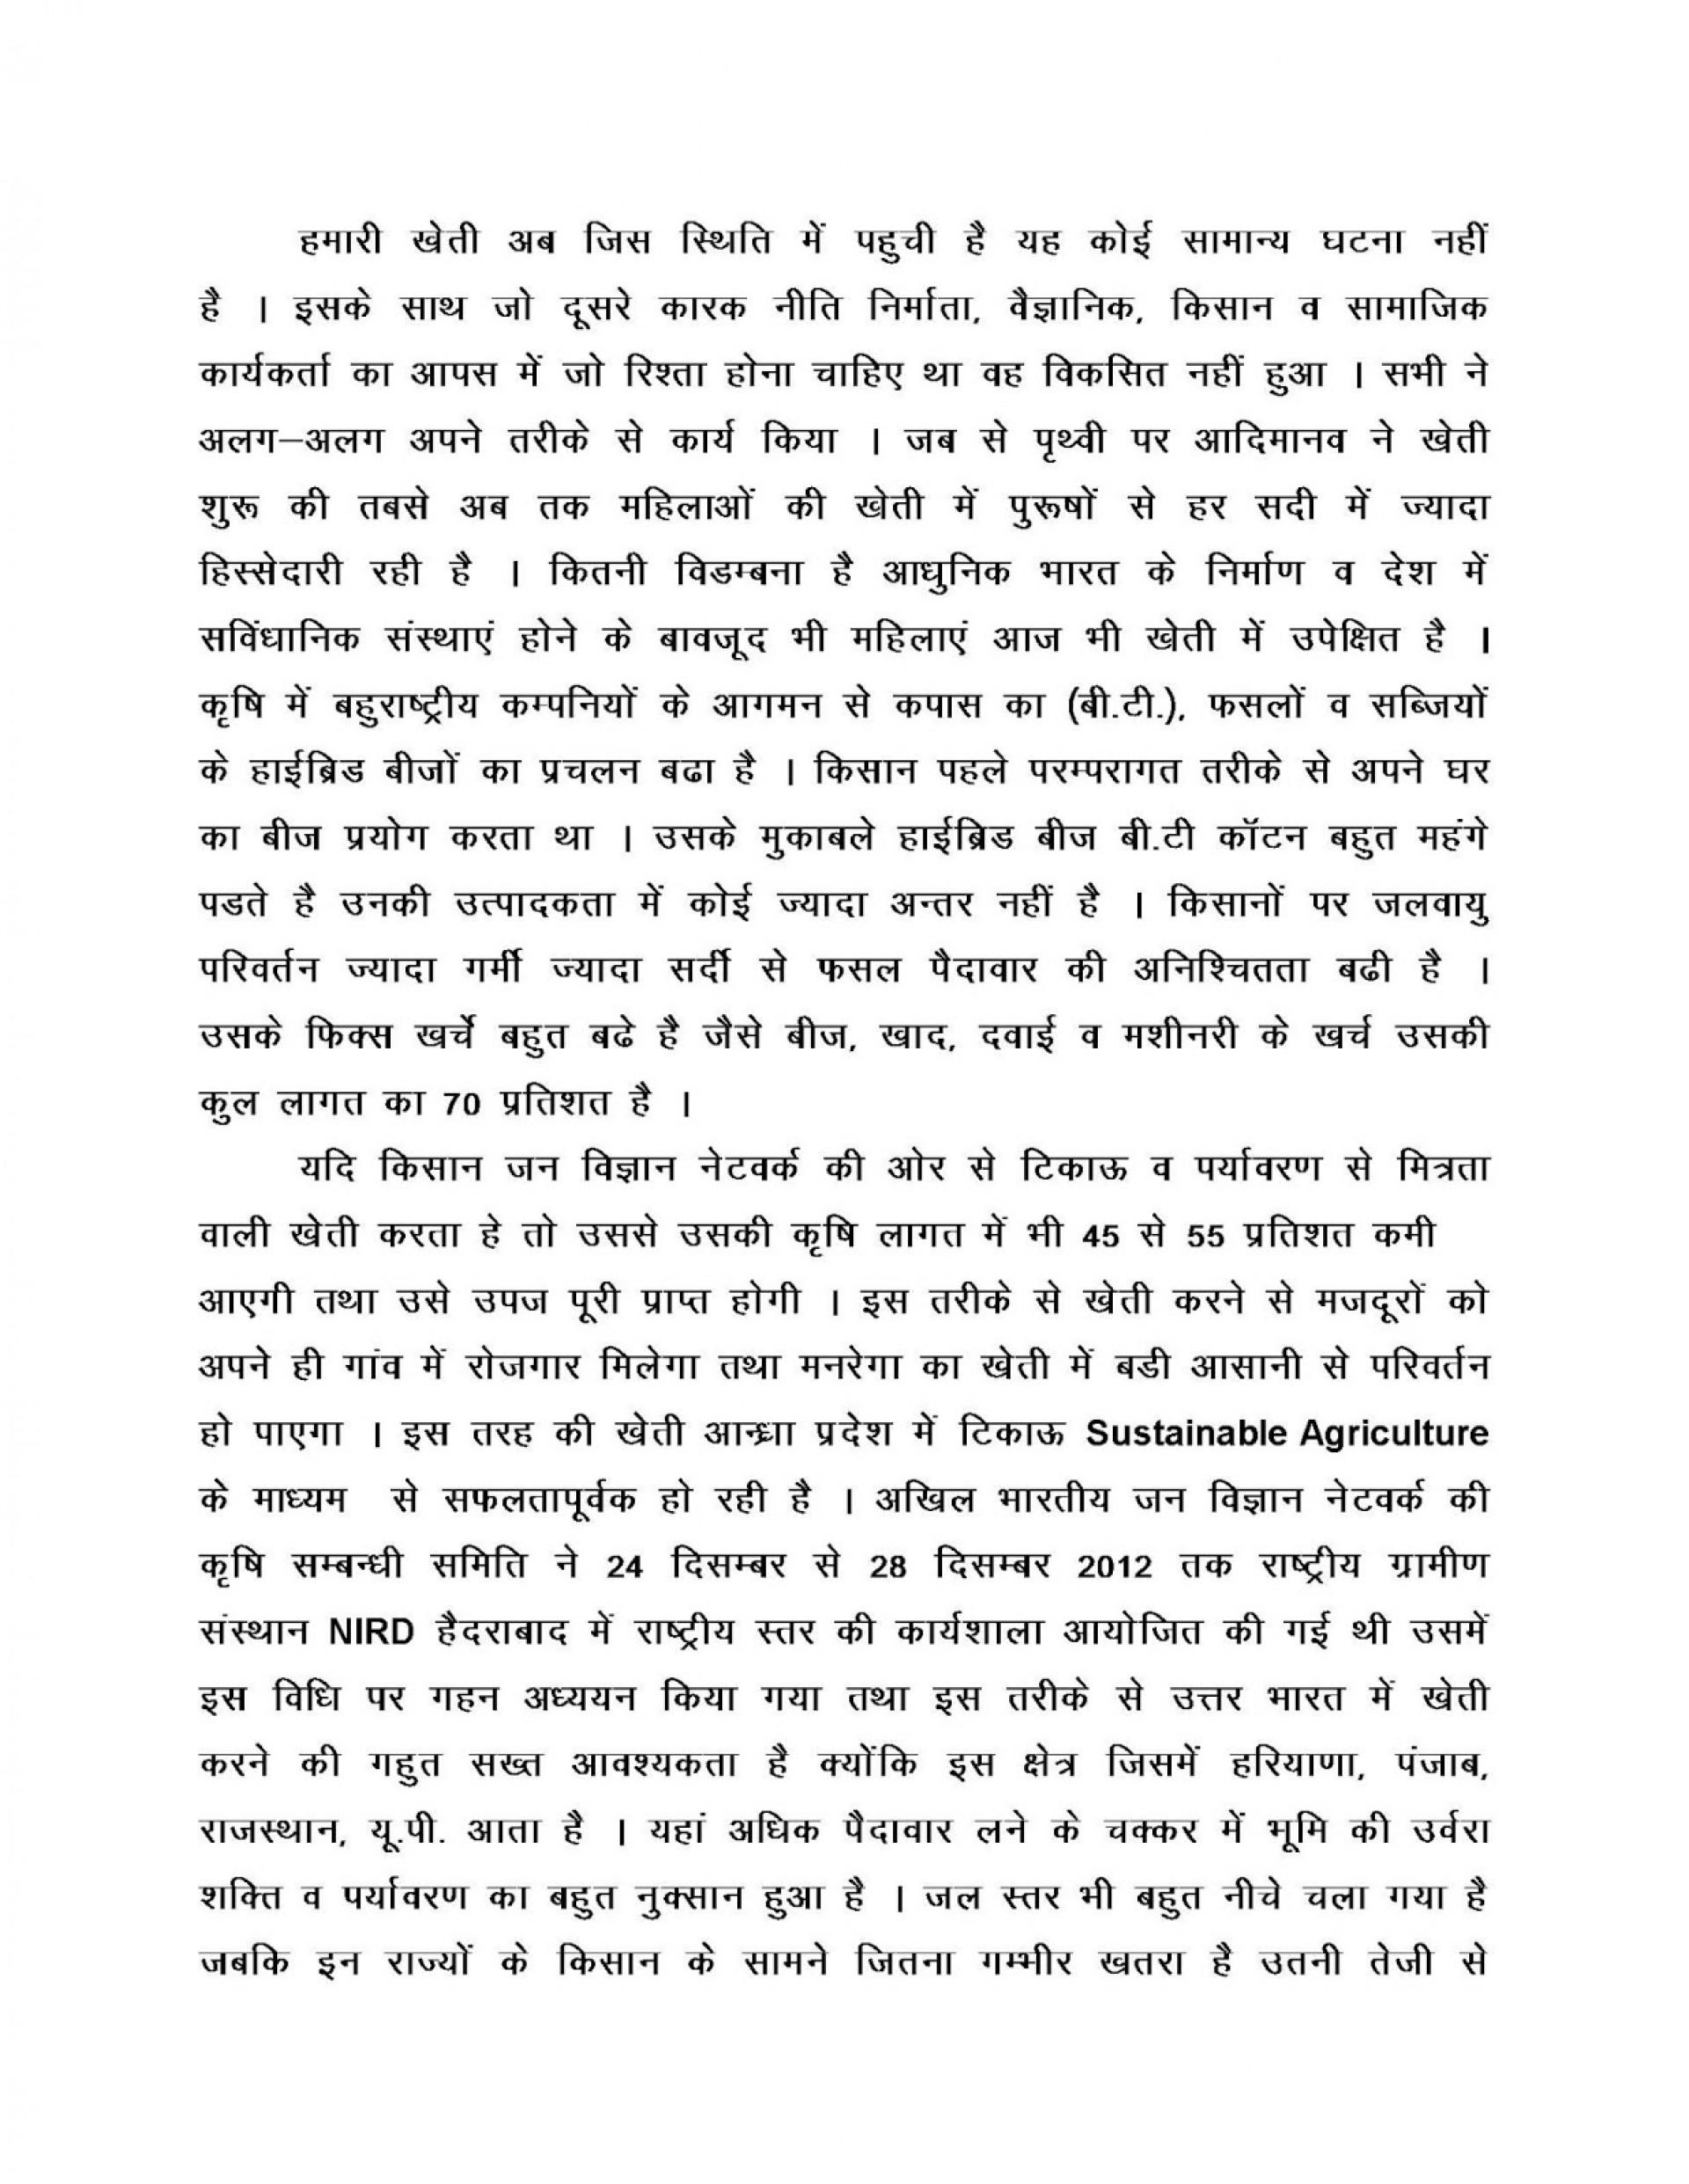 003 Essay Example Democracy Hindi20work20dr 20rajinder20singh Page 3 Shocking In Urdu Pdf Pakistan English 200 Words 1920